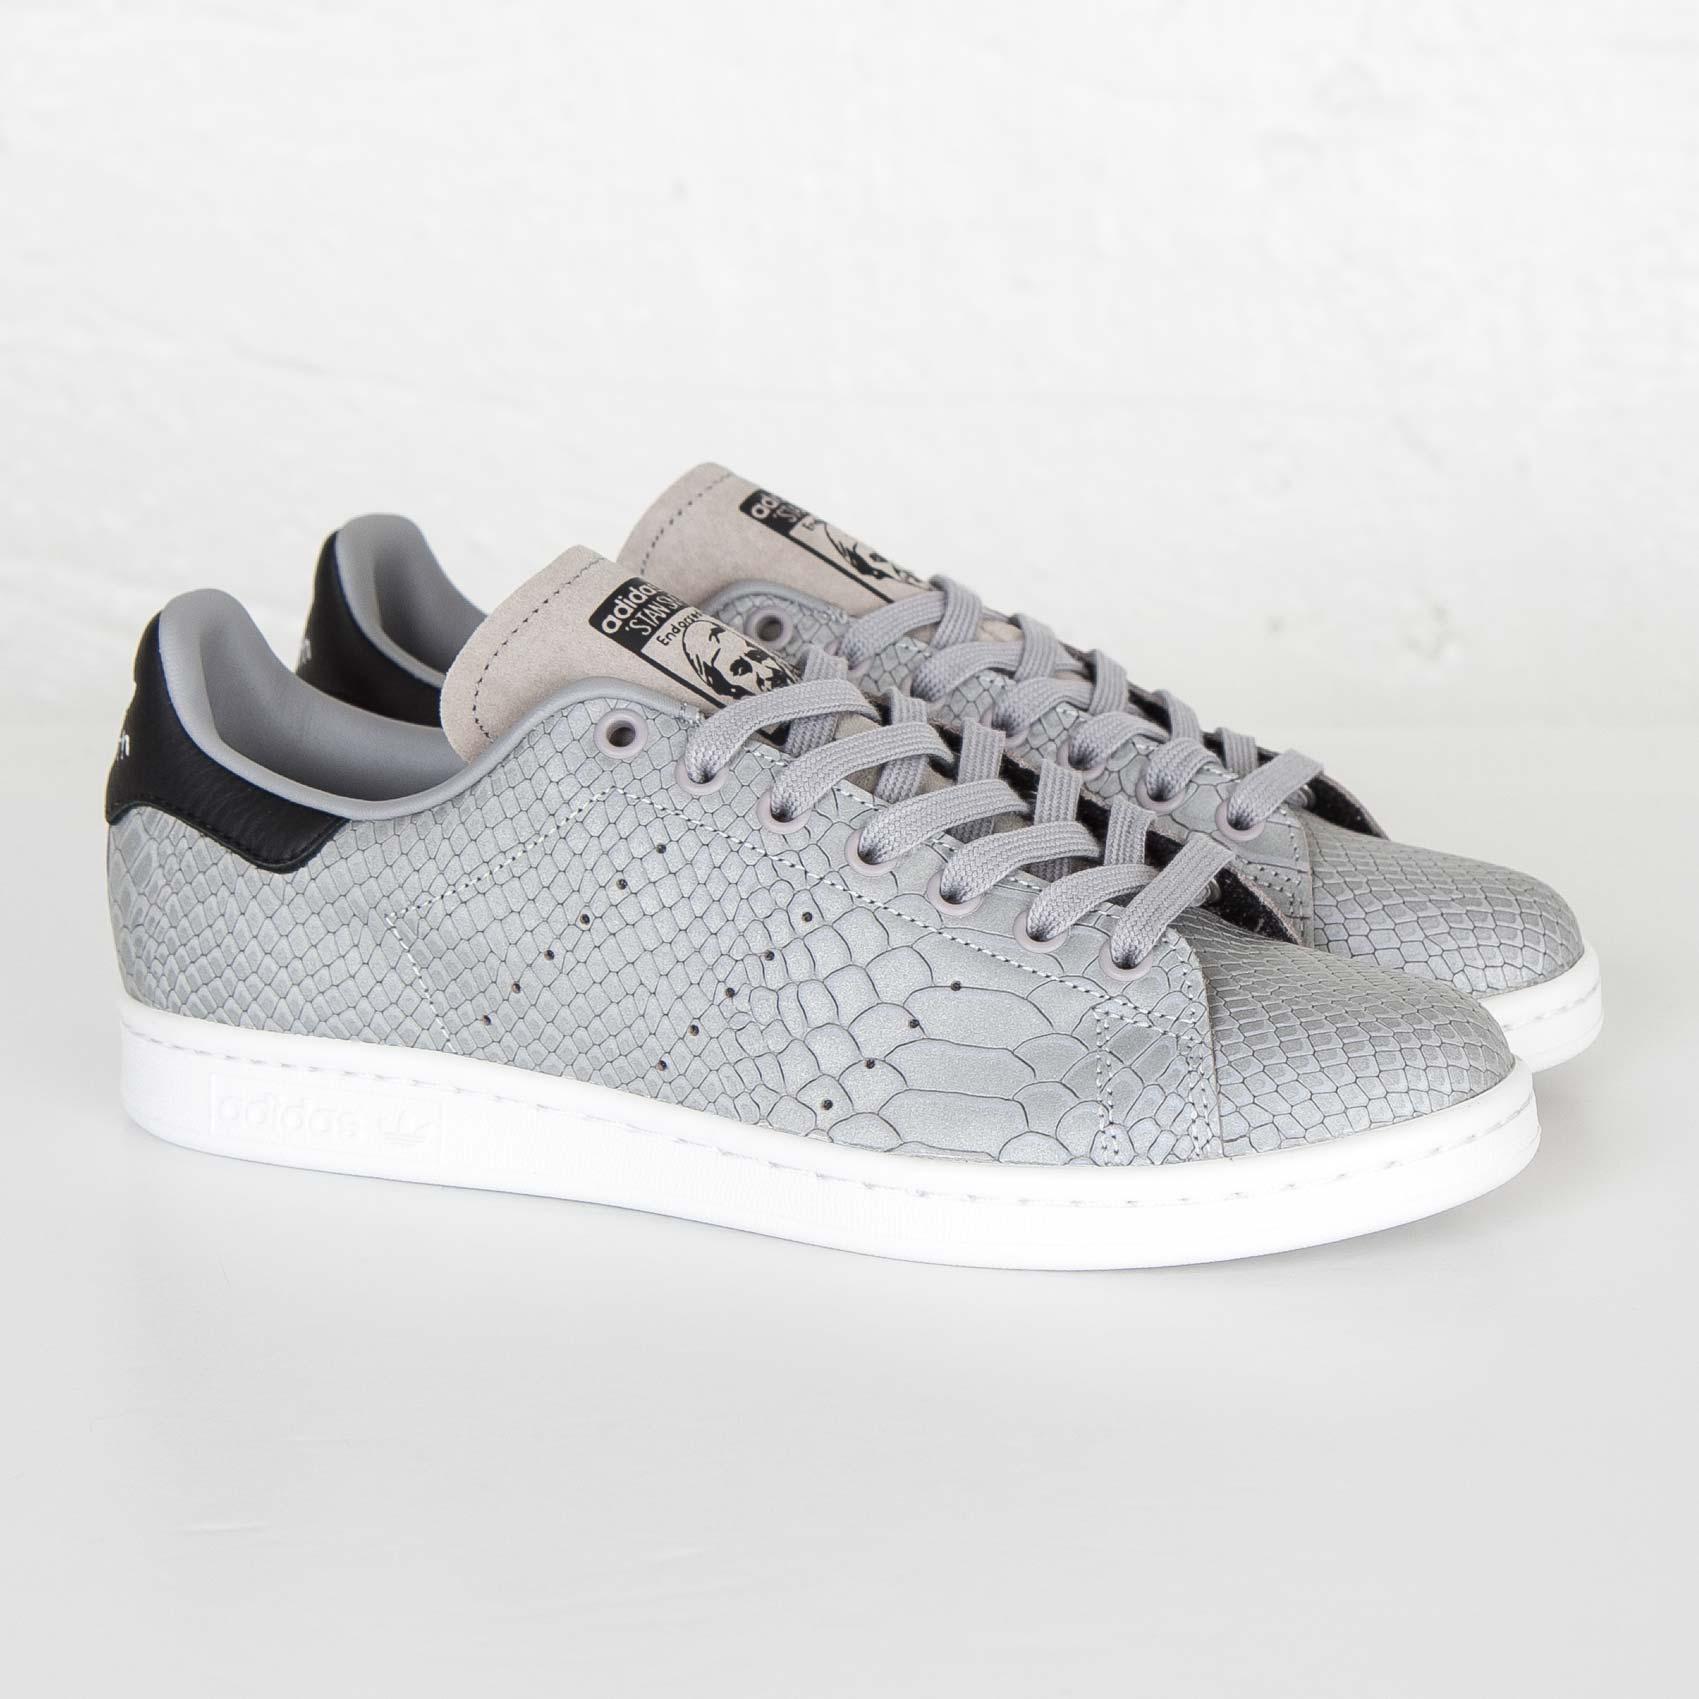 adidas stan smith s75631 sneakersnstuff scarpe & streetwear